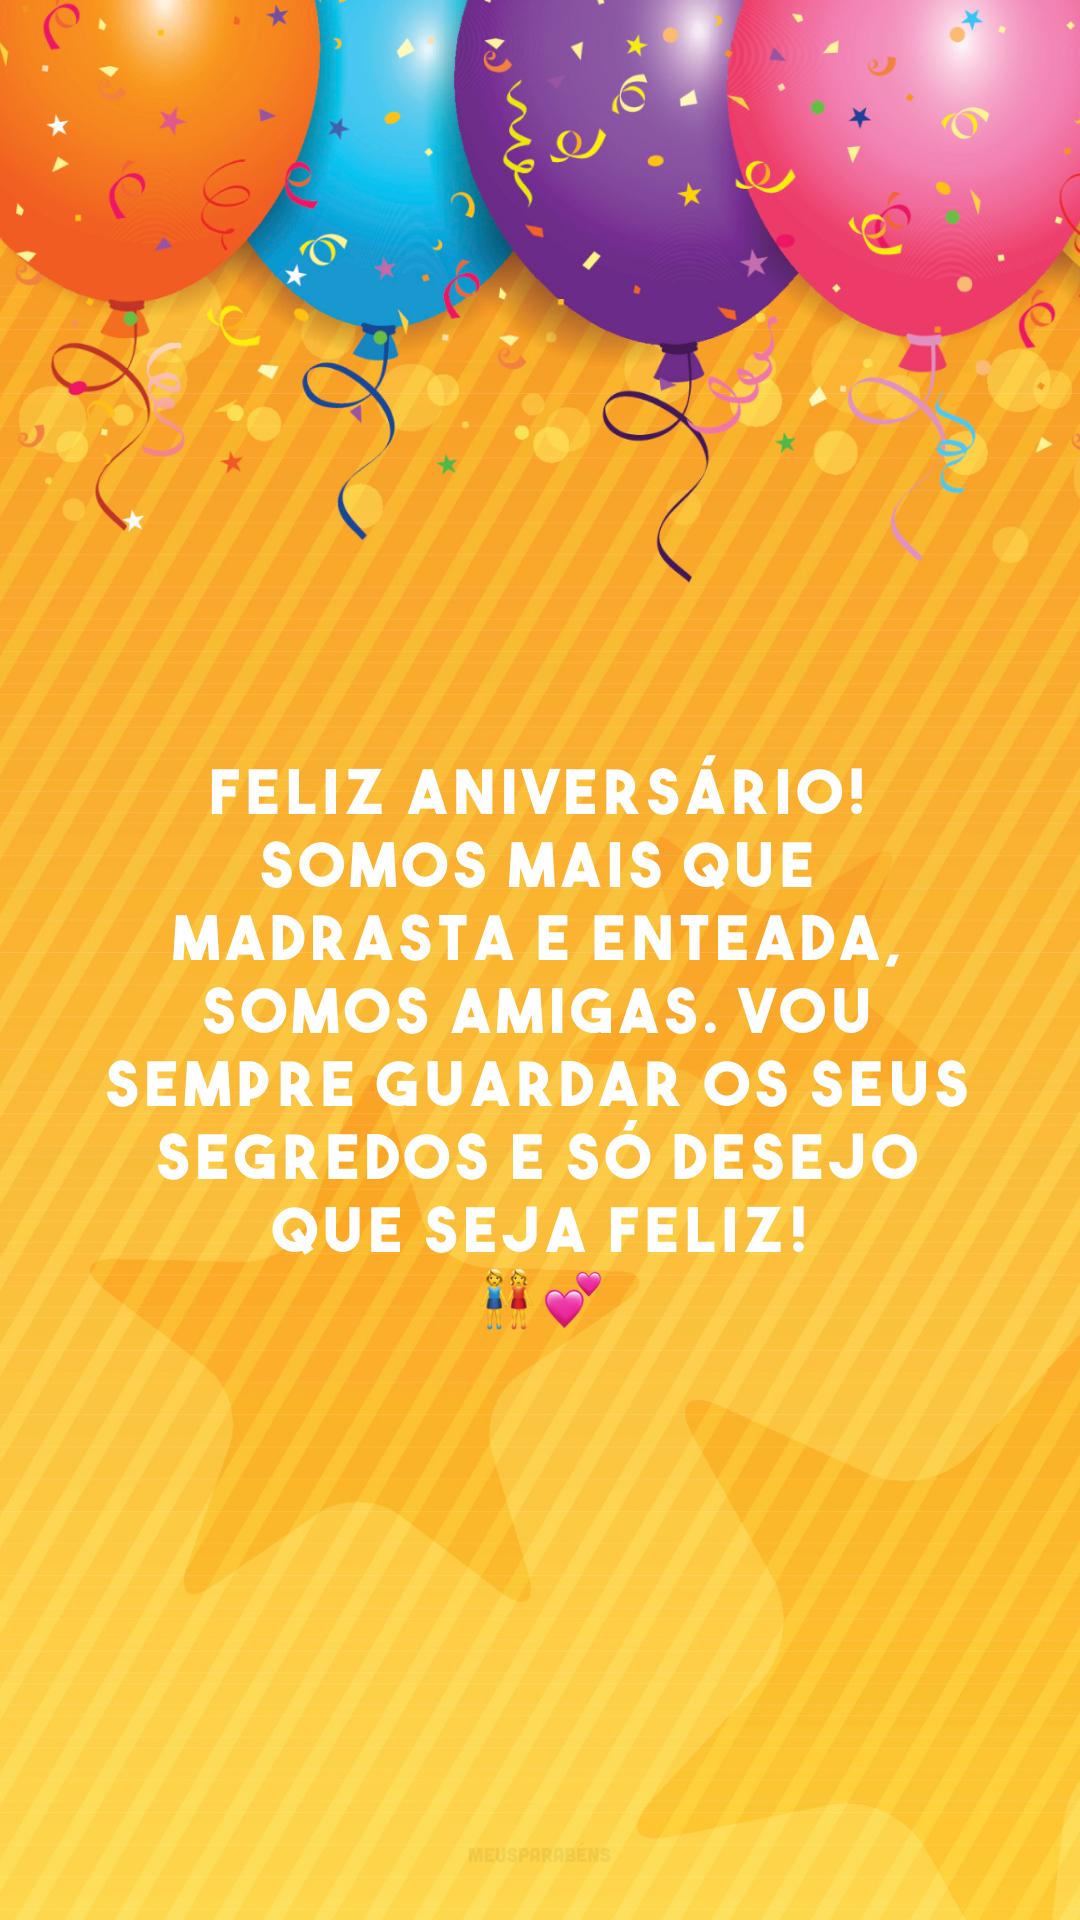 Feliz aniversário! Somos mais que madrasta e enteada, somos amigas. Vou sempre guardar os seus segredos e só desejo que seja feliz! 👭💕